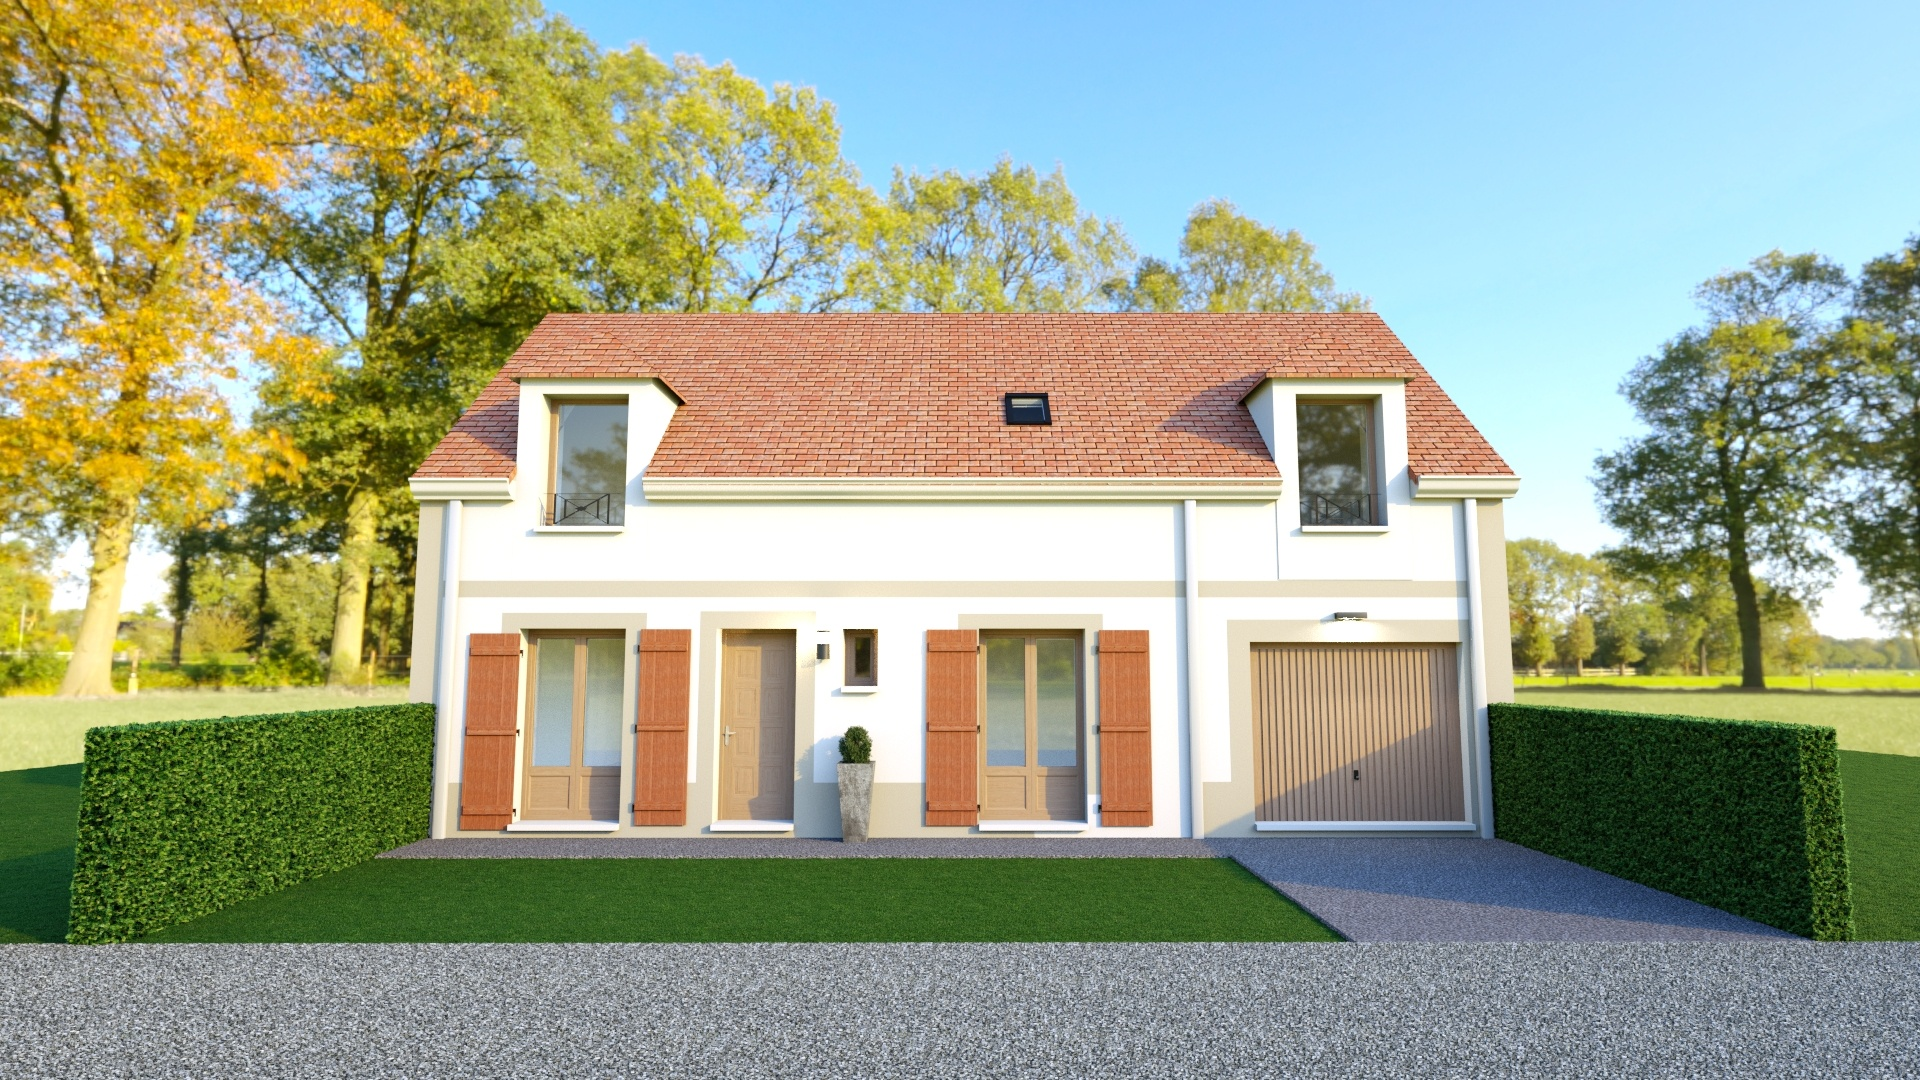 Terrains du constructeur Les maisons Lelievre • 501 m² • MARINES